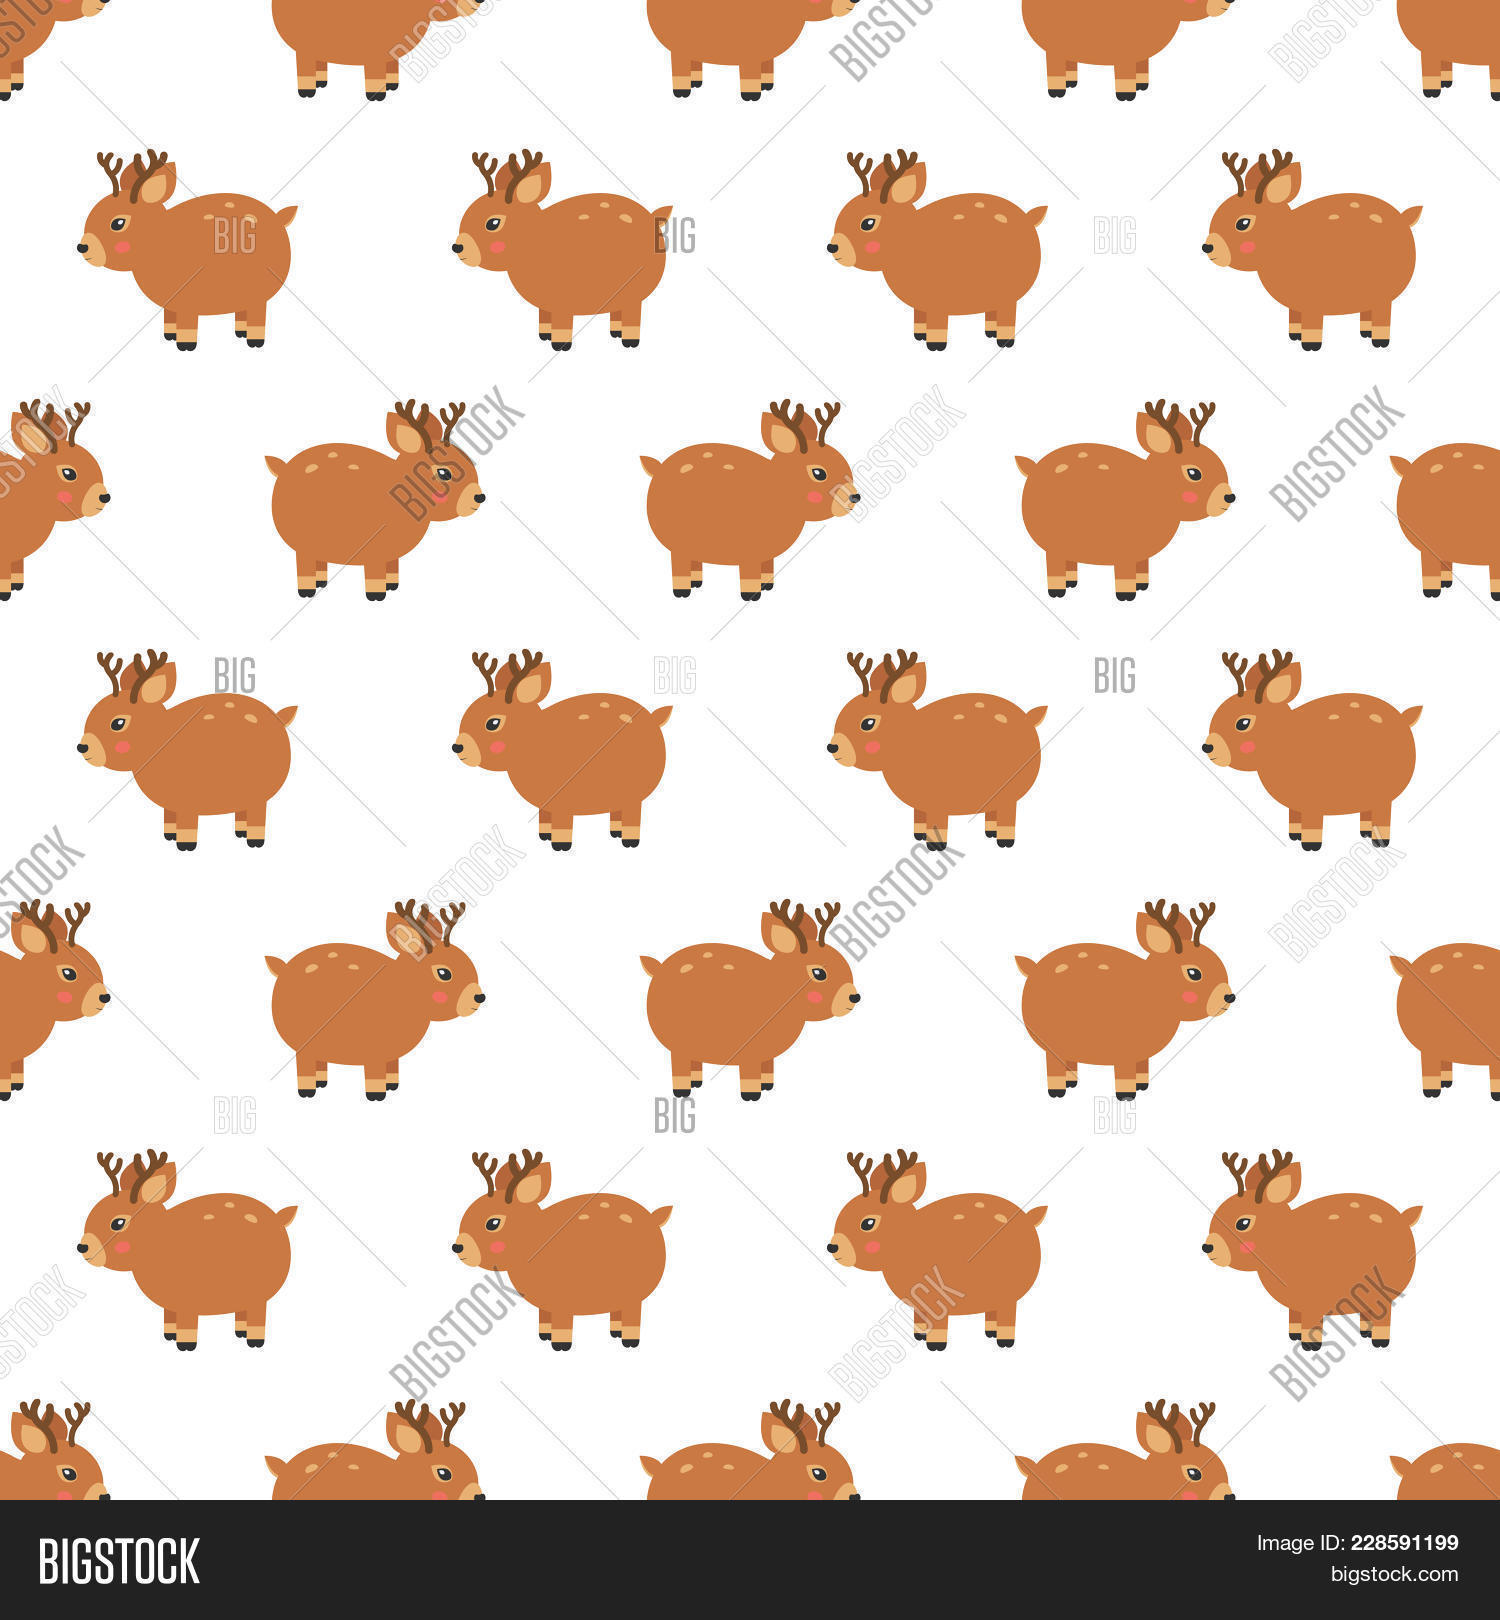 Wooden Reindeer Patterns Free Simple Ideas